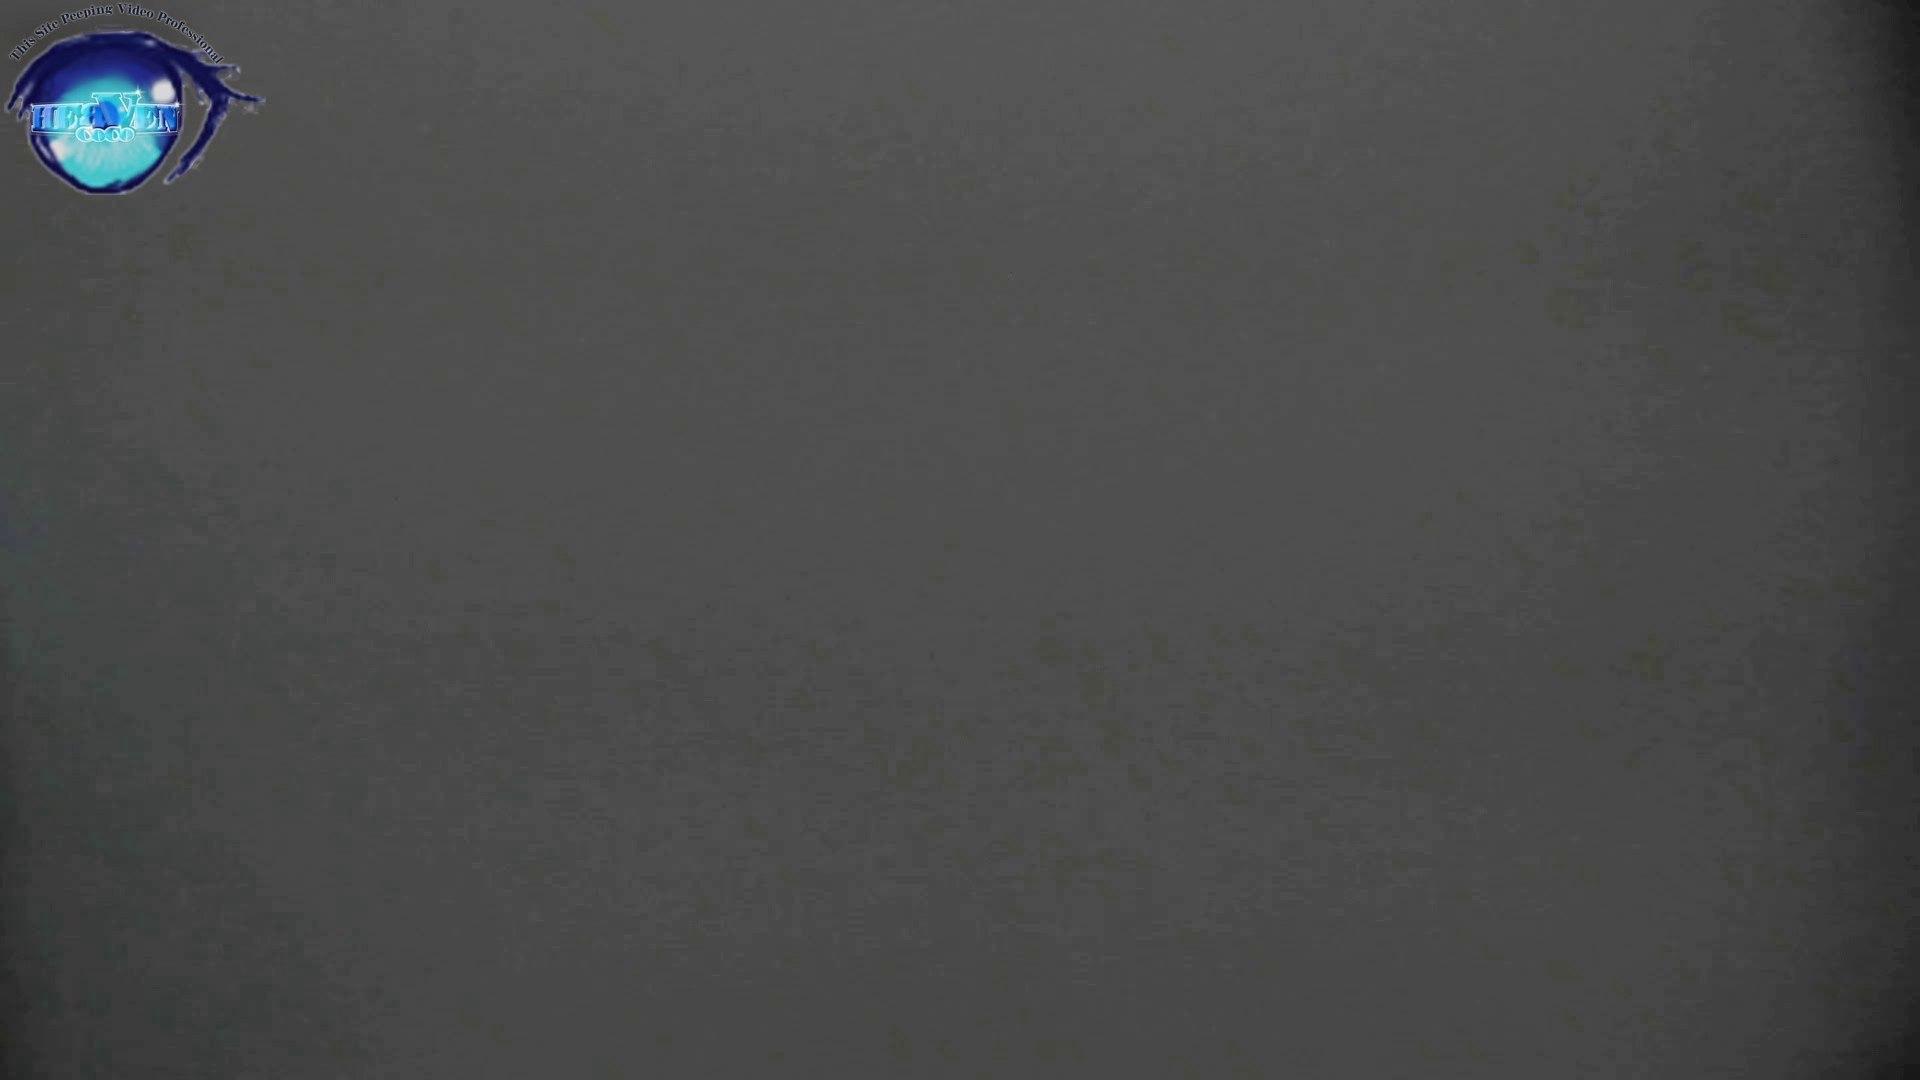 お銀さん vol.59 ピンチ!!「鏡の前で祈る女性」にばれる危機 前編 美人  108連発 76